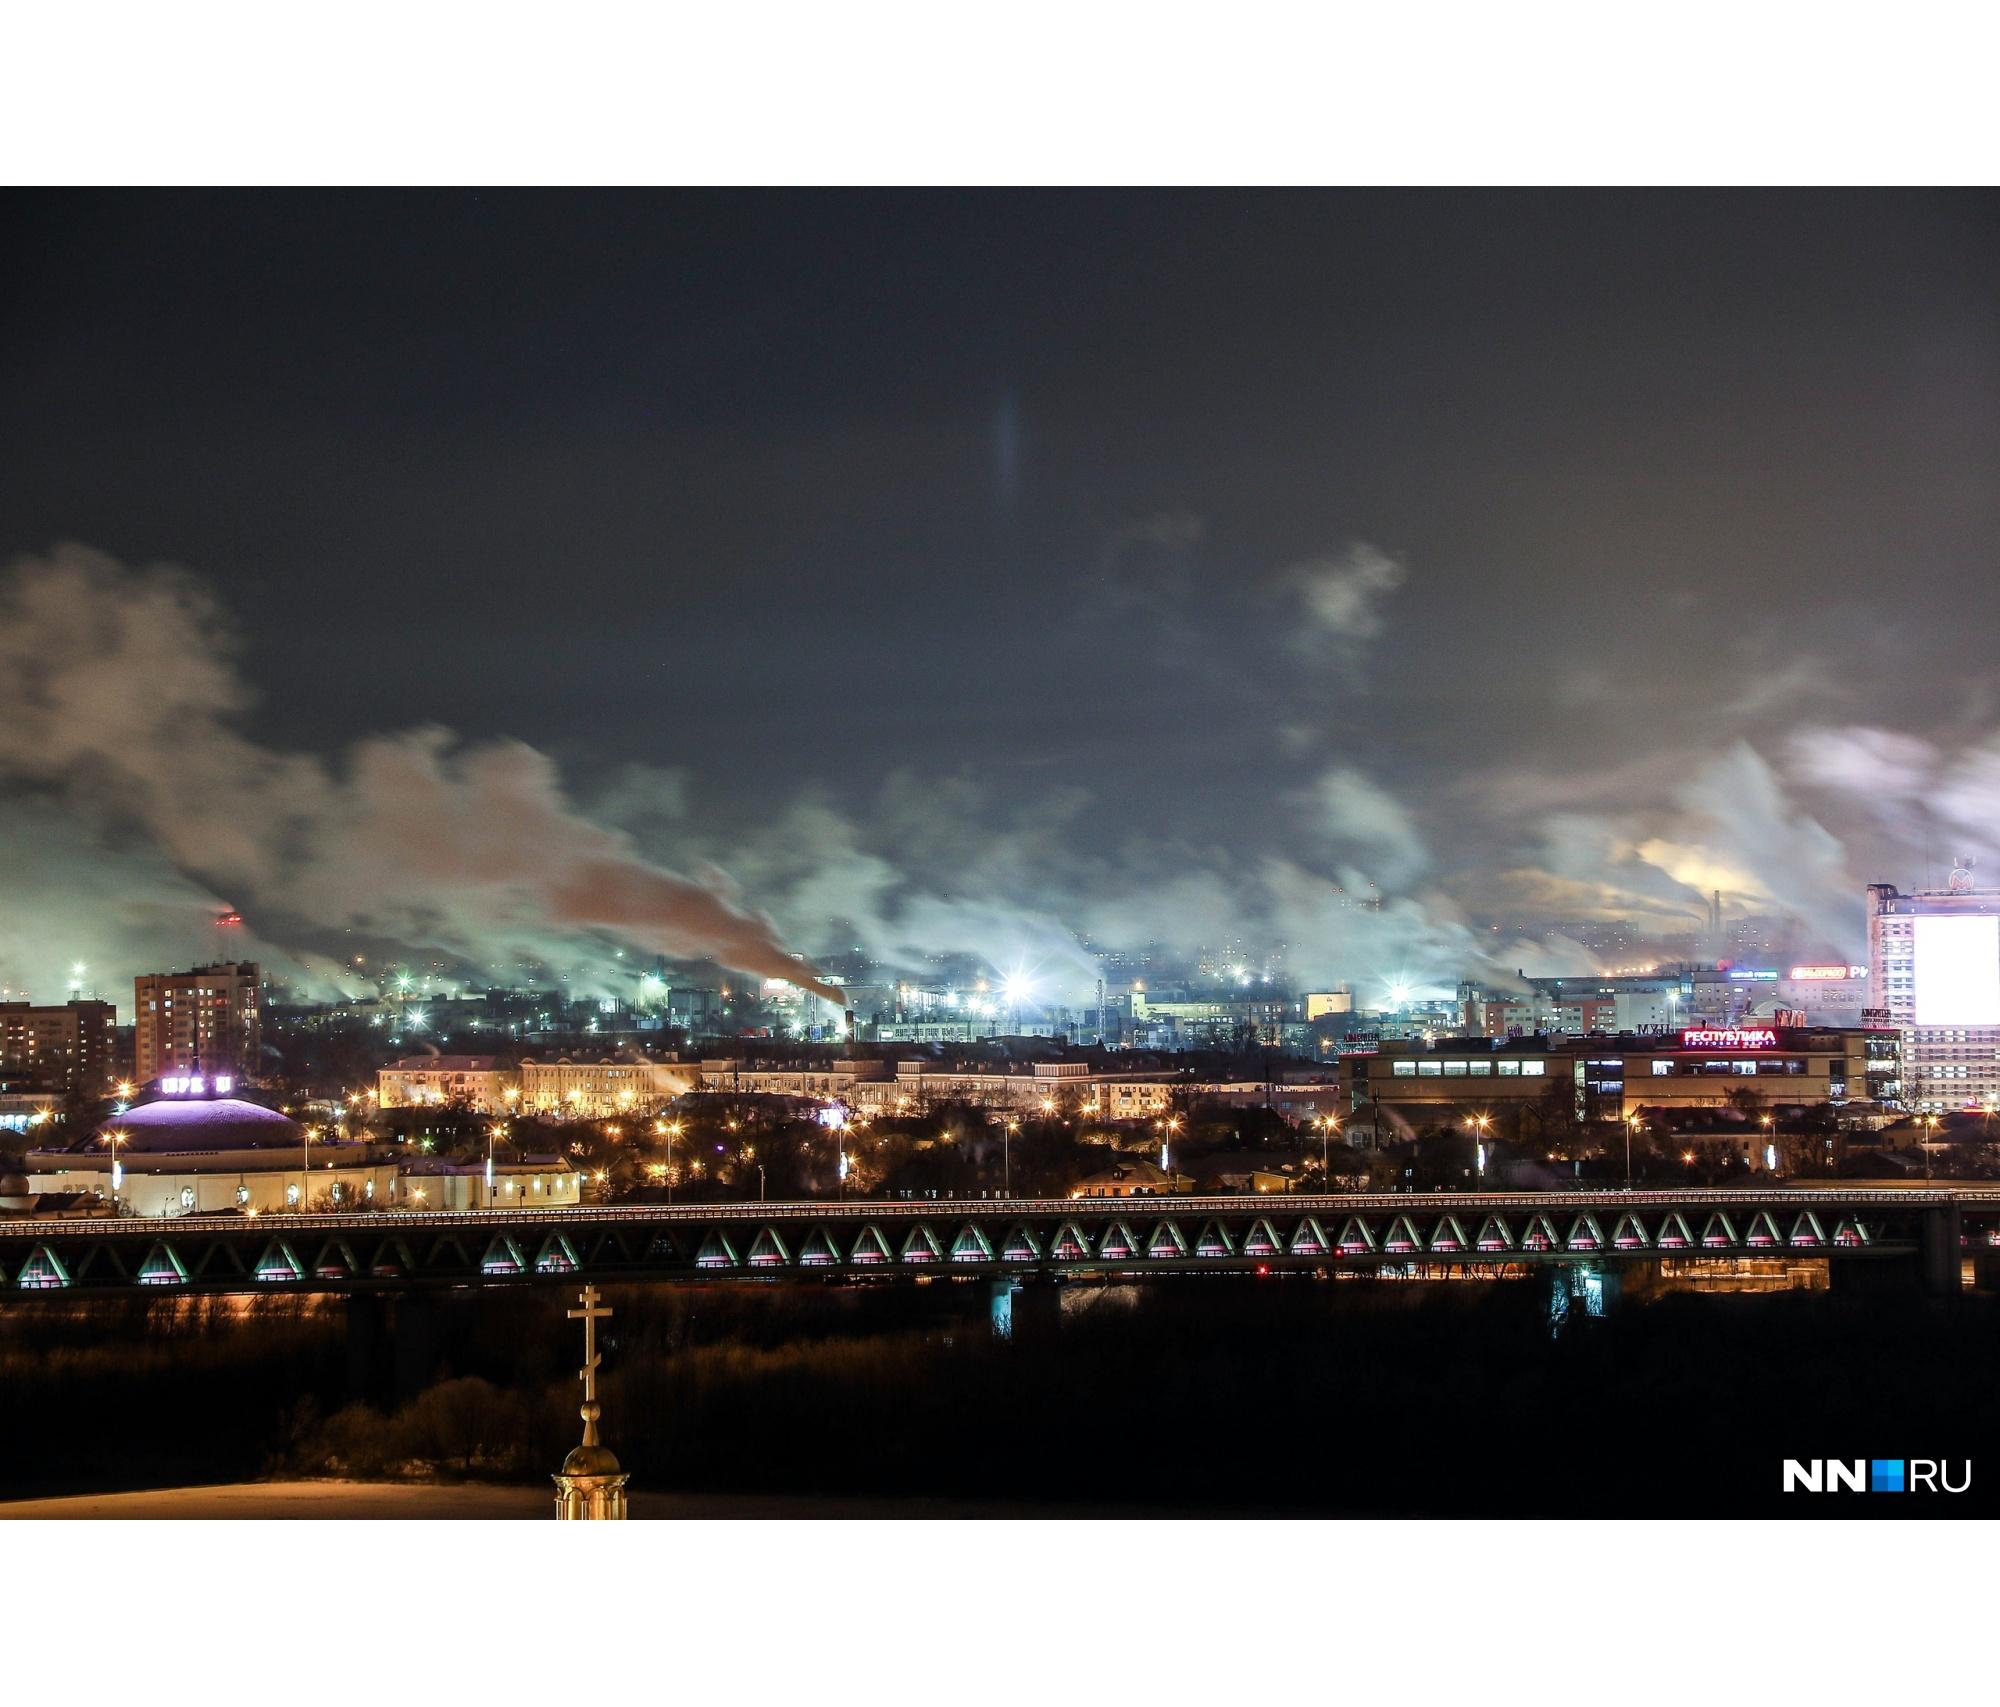 В районе Метромоста тоже можно увидеть пробивающиеся лучи света